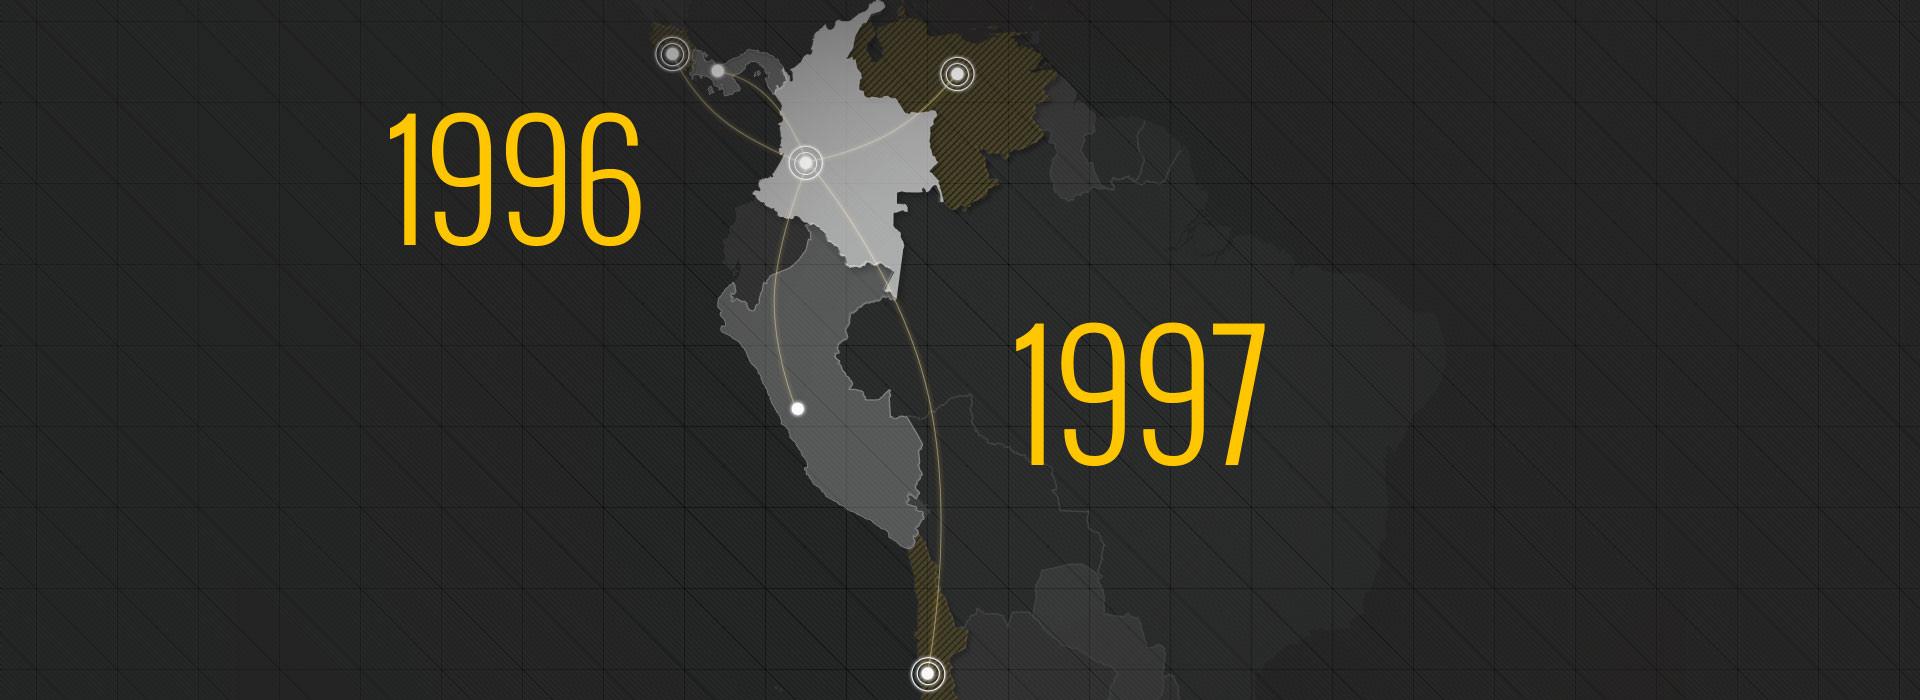 1996-1997 Dates